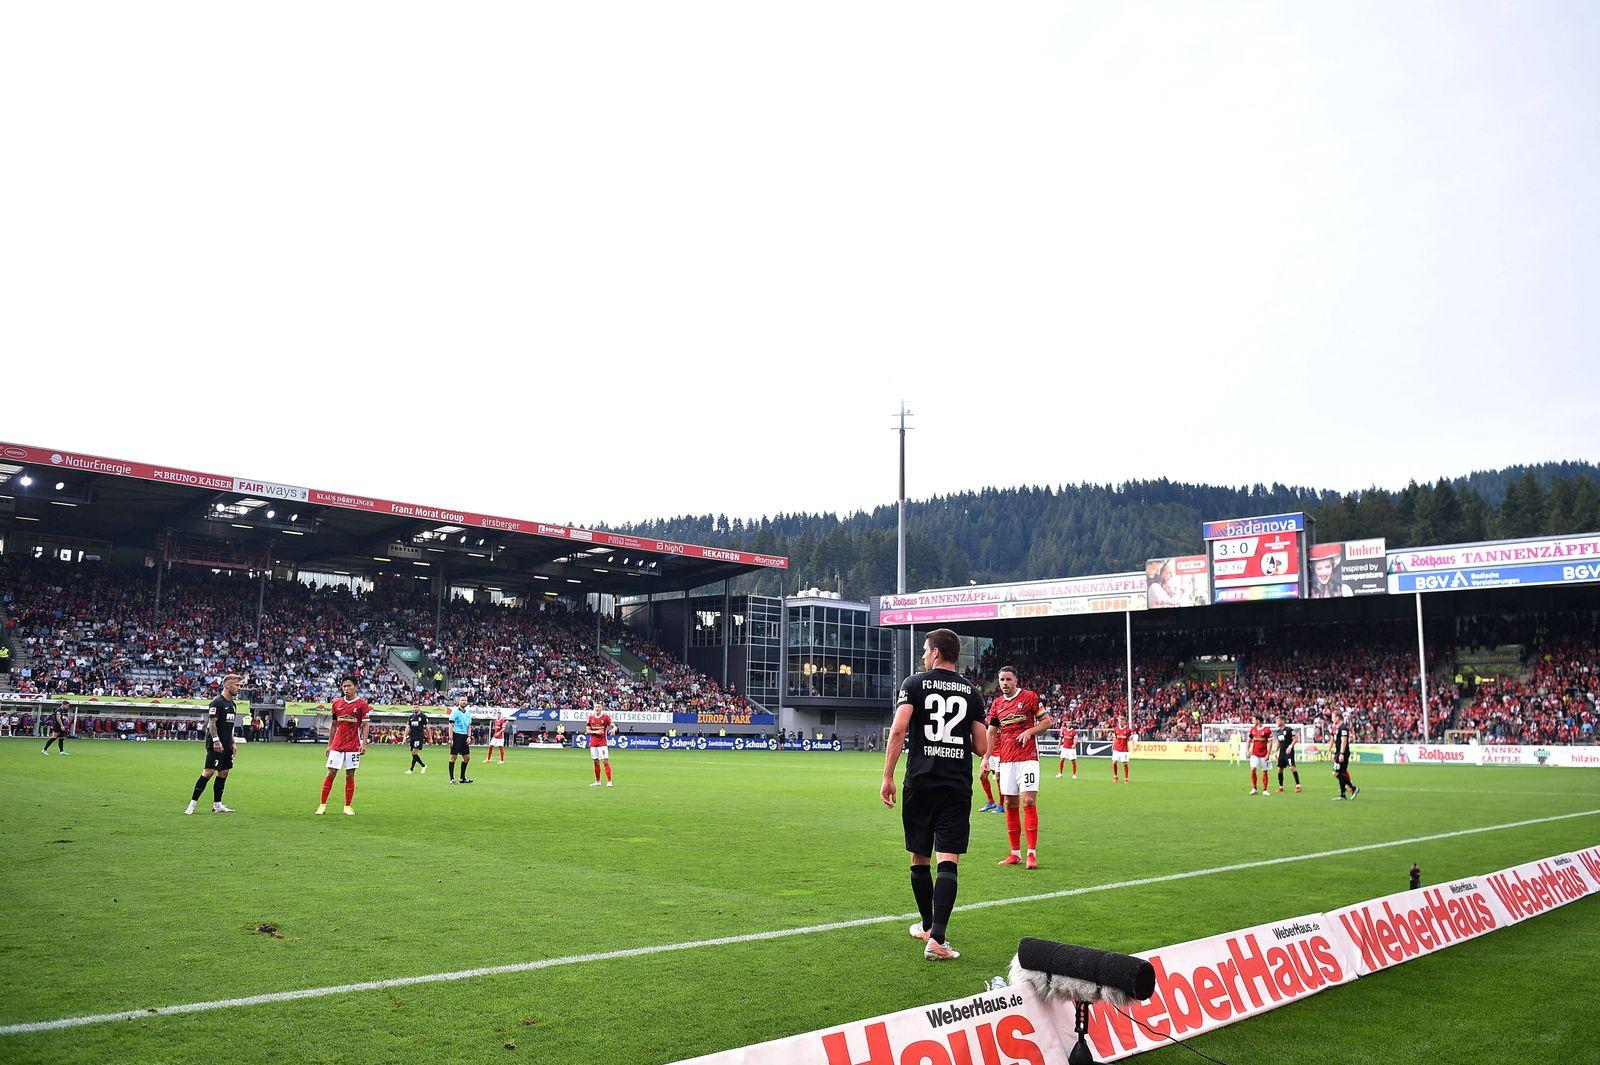 Fußball 1. Bundesliga 6. Spieltag SC Freiburg - FC Augsburg am 26.09.2021 im Dreisamstadion Stadion in Freiburg Innenan